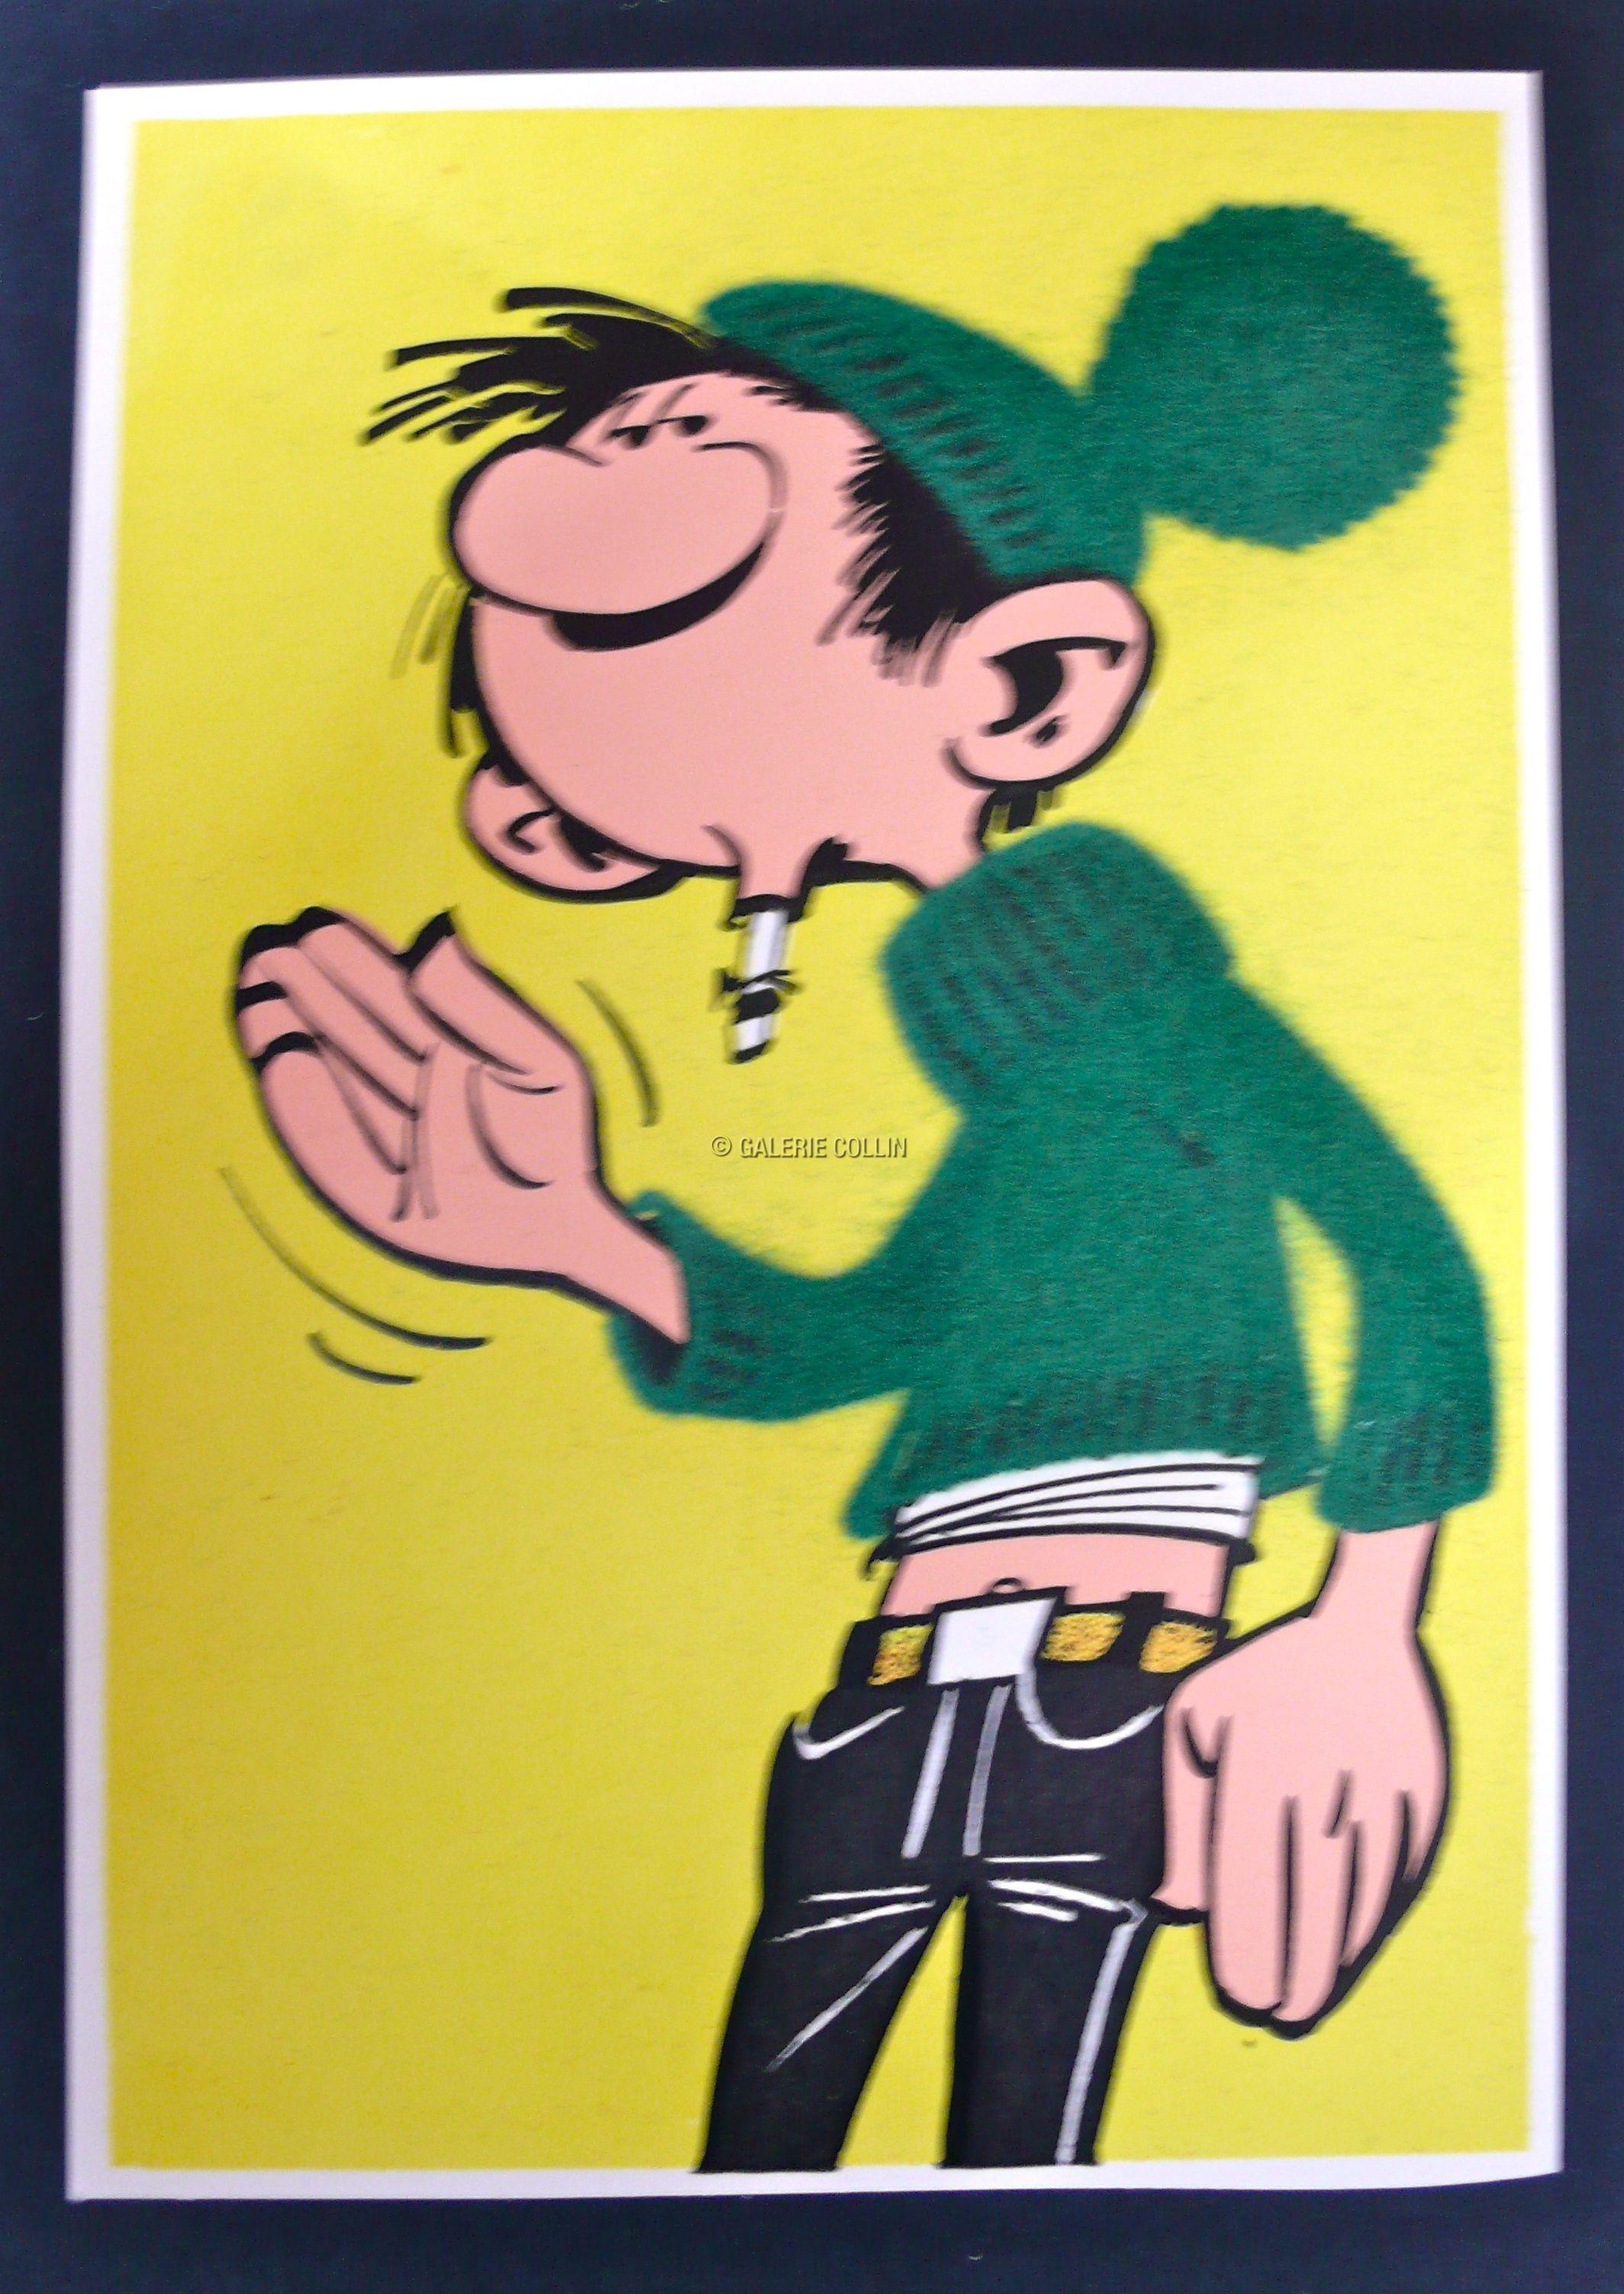 nouveaux articles vente usa en ligne produits de commodité Franquin • Gaston Lagaffe / Spirou Rares 12 cartes postales ...